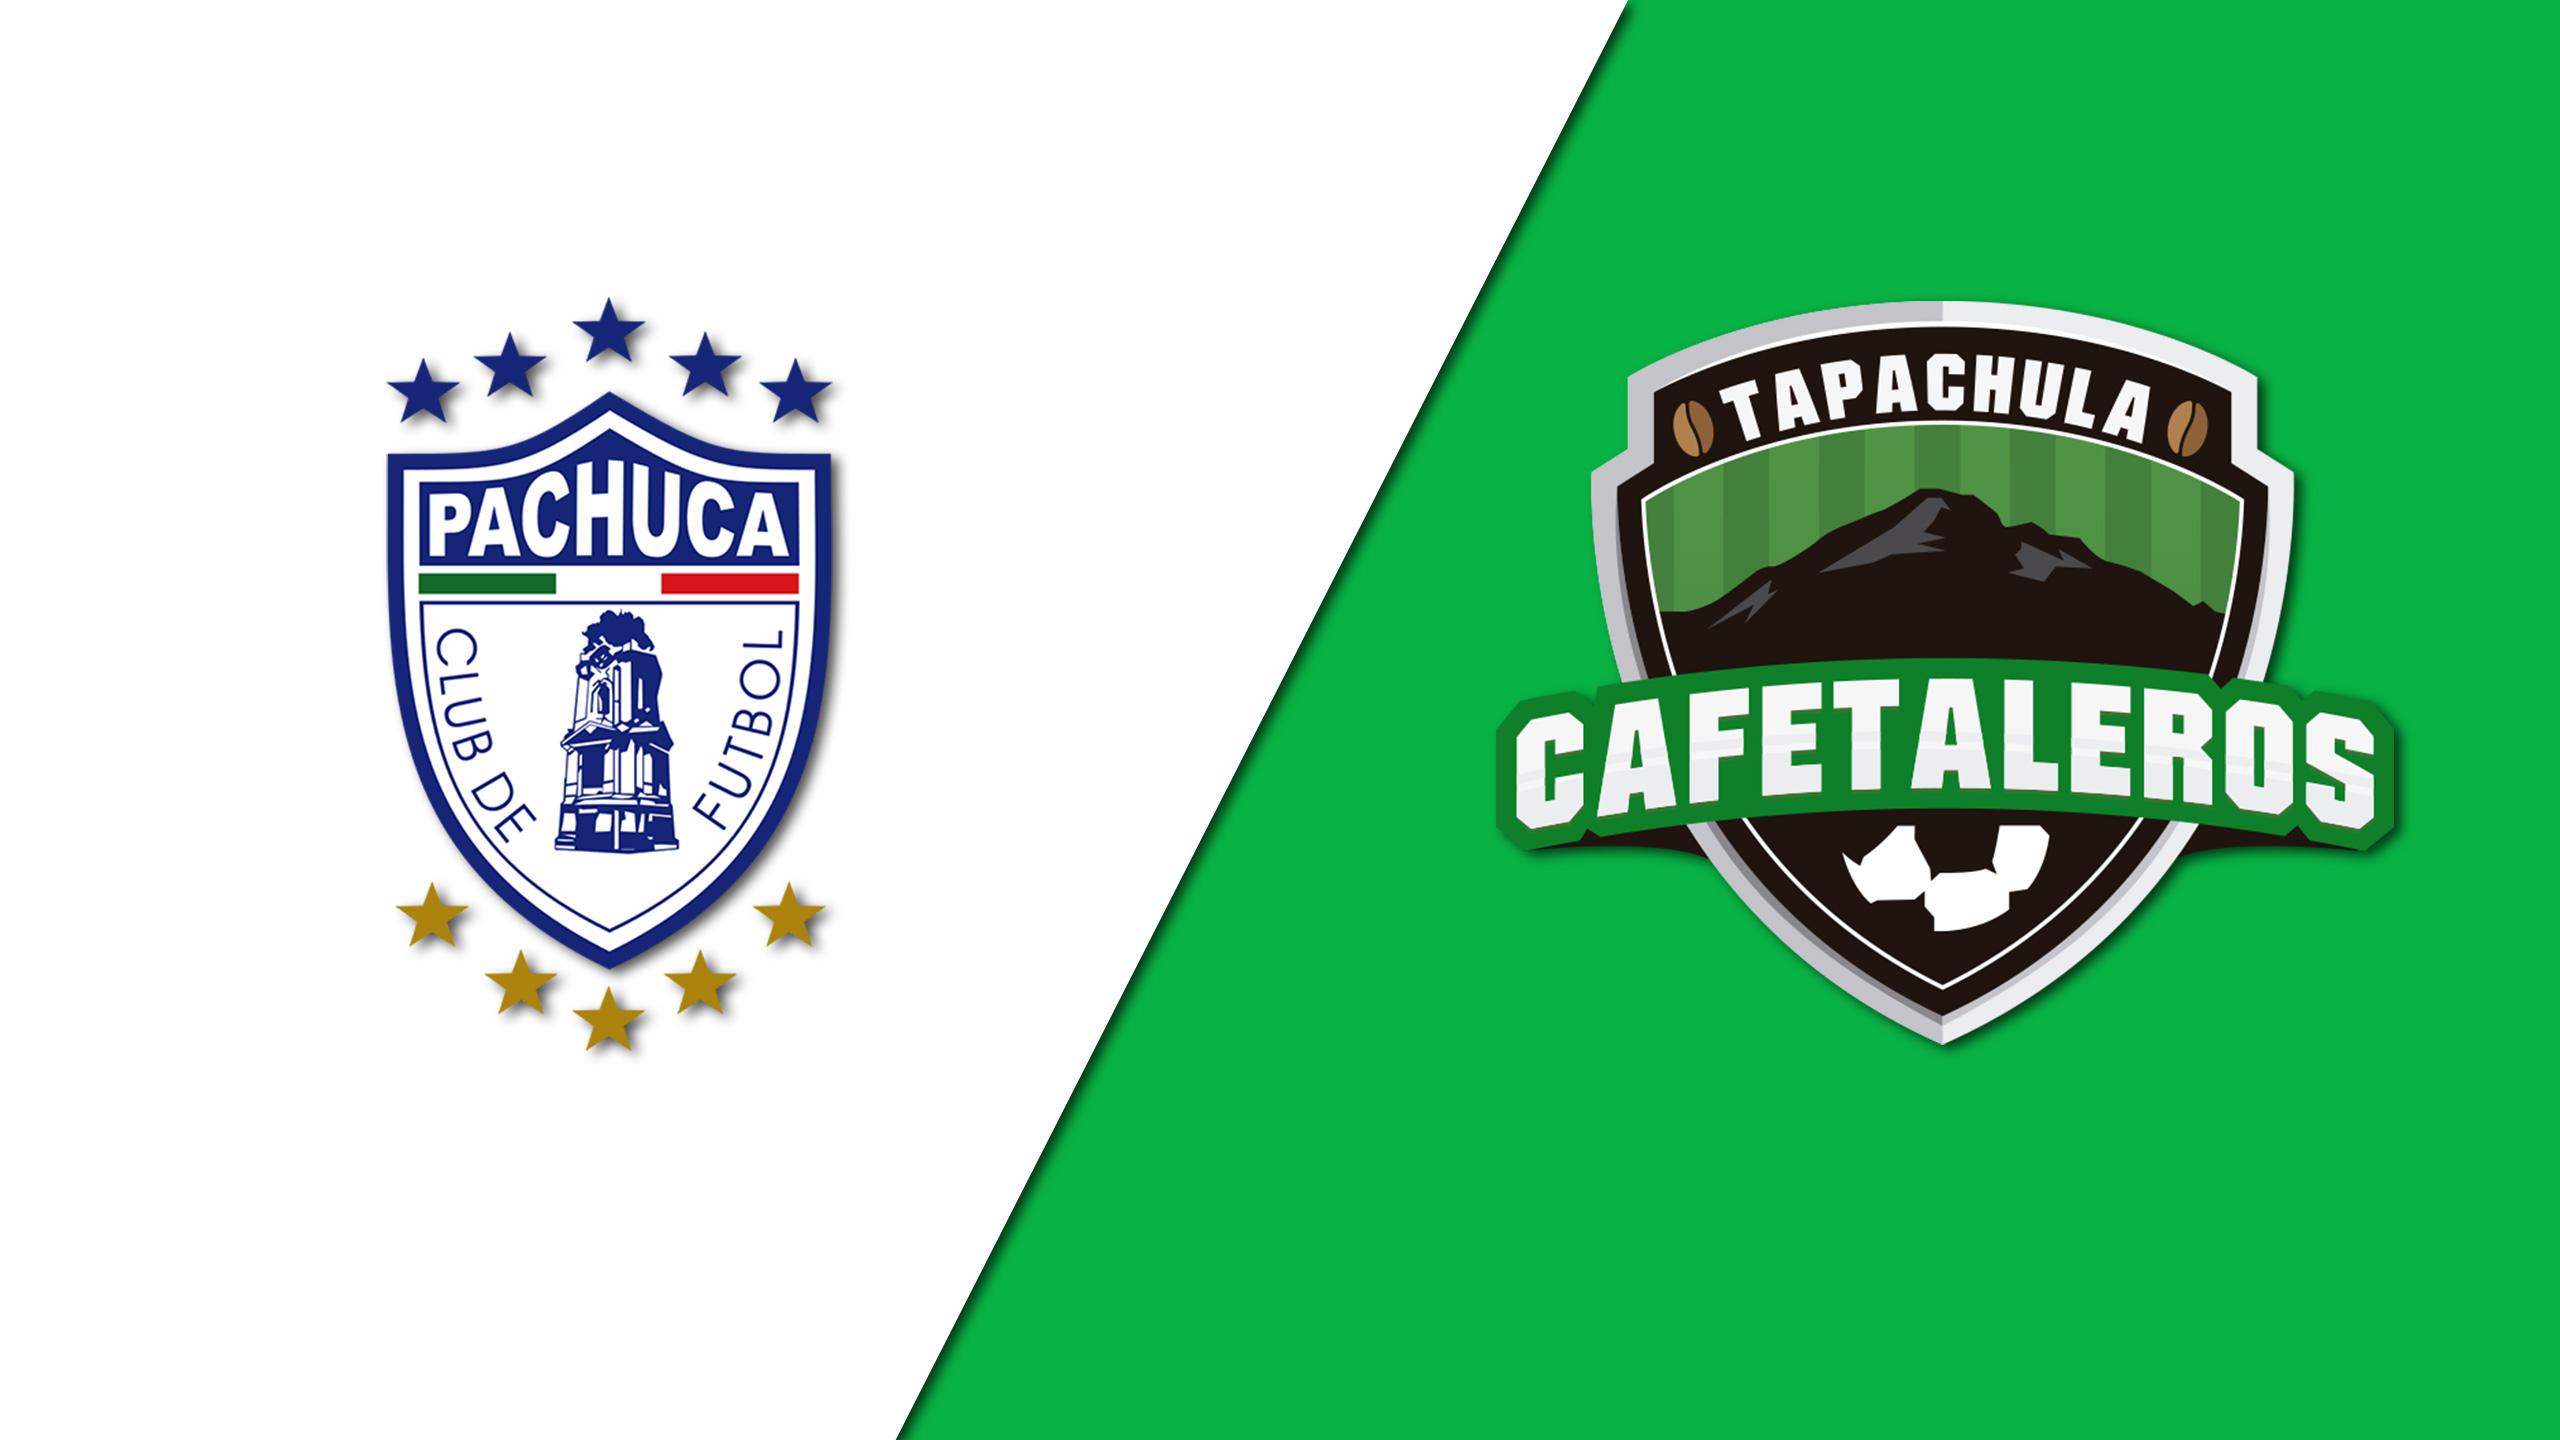 In Spanish - Tuzos del Pachuca vs. Cafetaleros de Tapachula (Round of 16) (Copa MX)